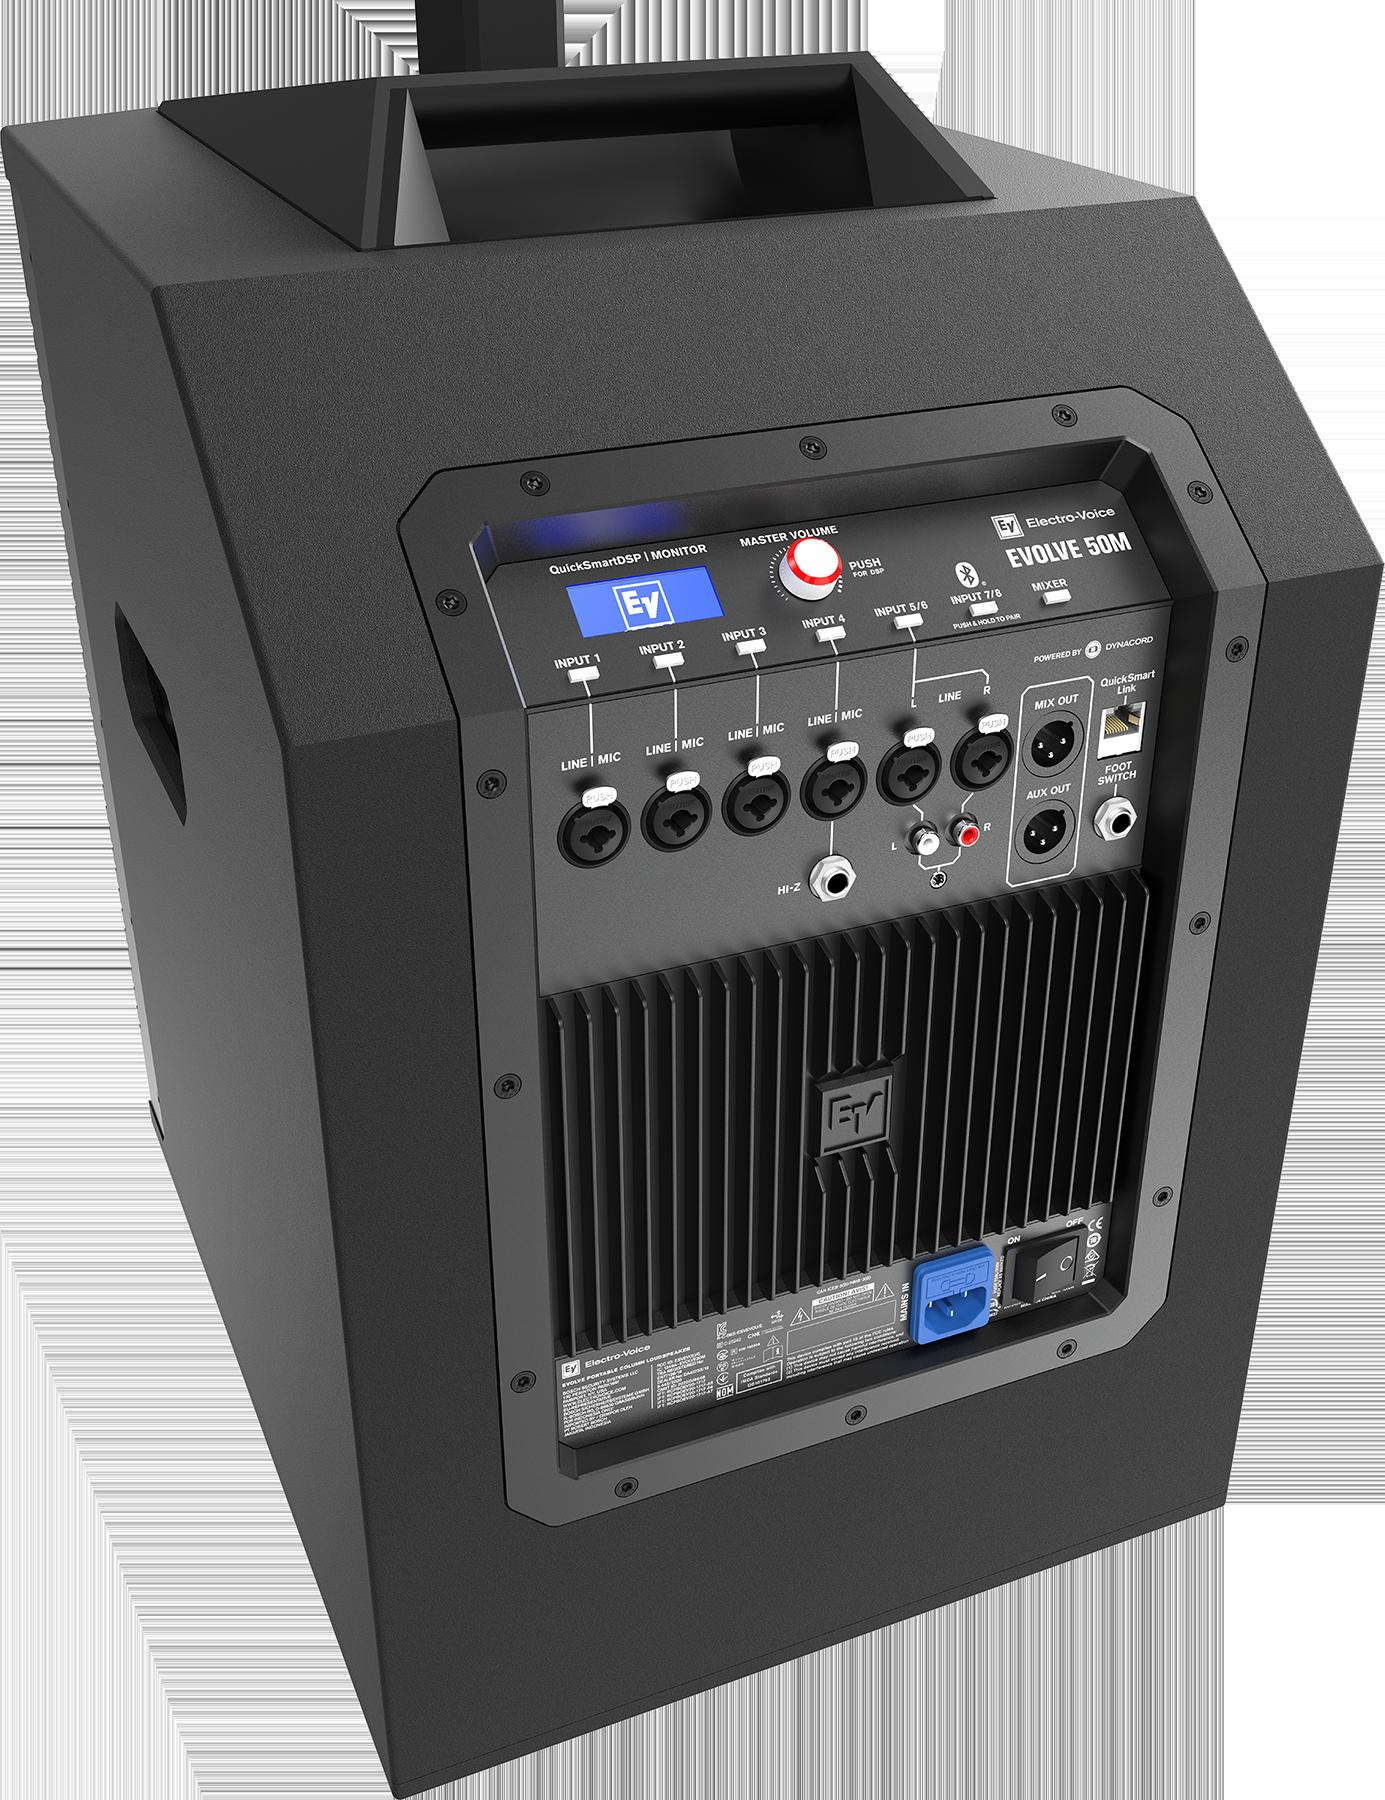 Integriert ist ein voll konfigurierbarer 8-Kanal-Digitalmixer in Vollausstattung, der in Zusammenarbeit mit dem Engineering-Team der Geschwistermarke Dynacord entwickelt wurde.